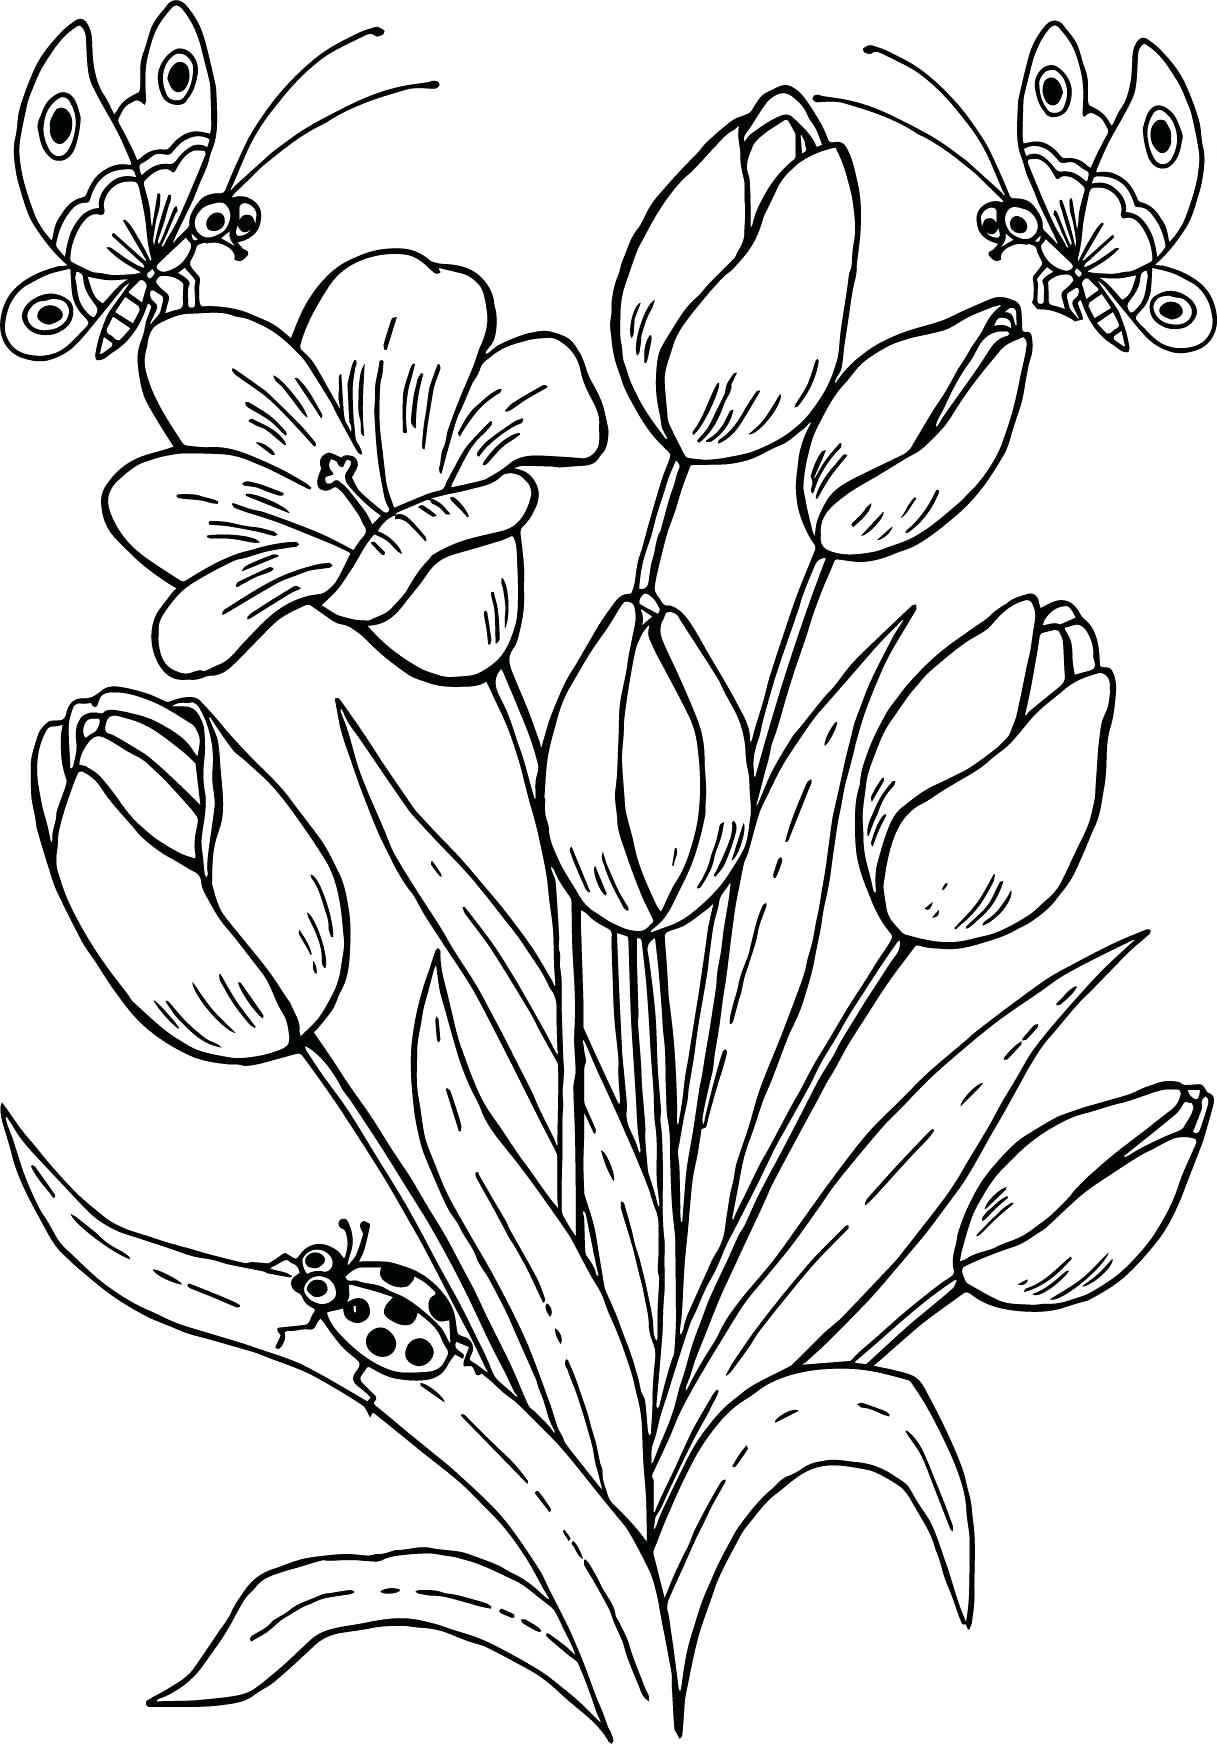 Tổng hợp tranh tô màu bông hoa đẹp